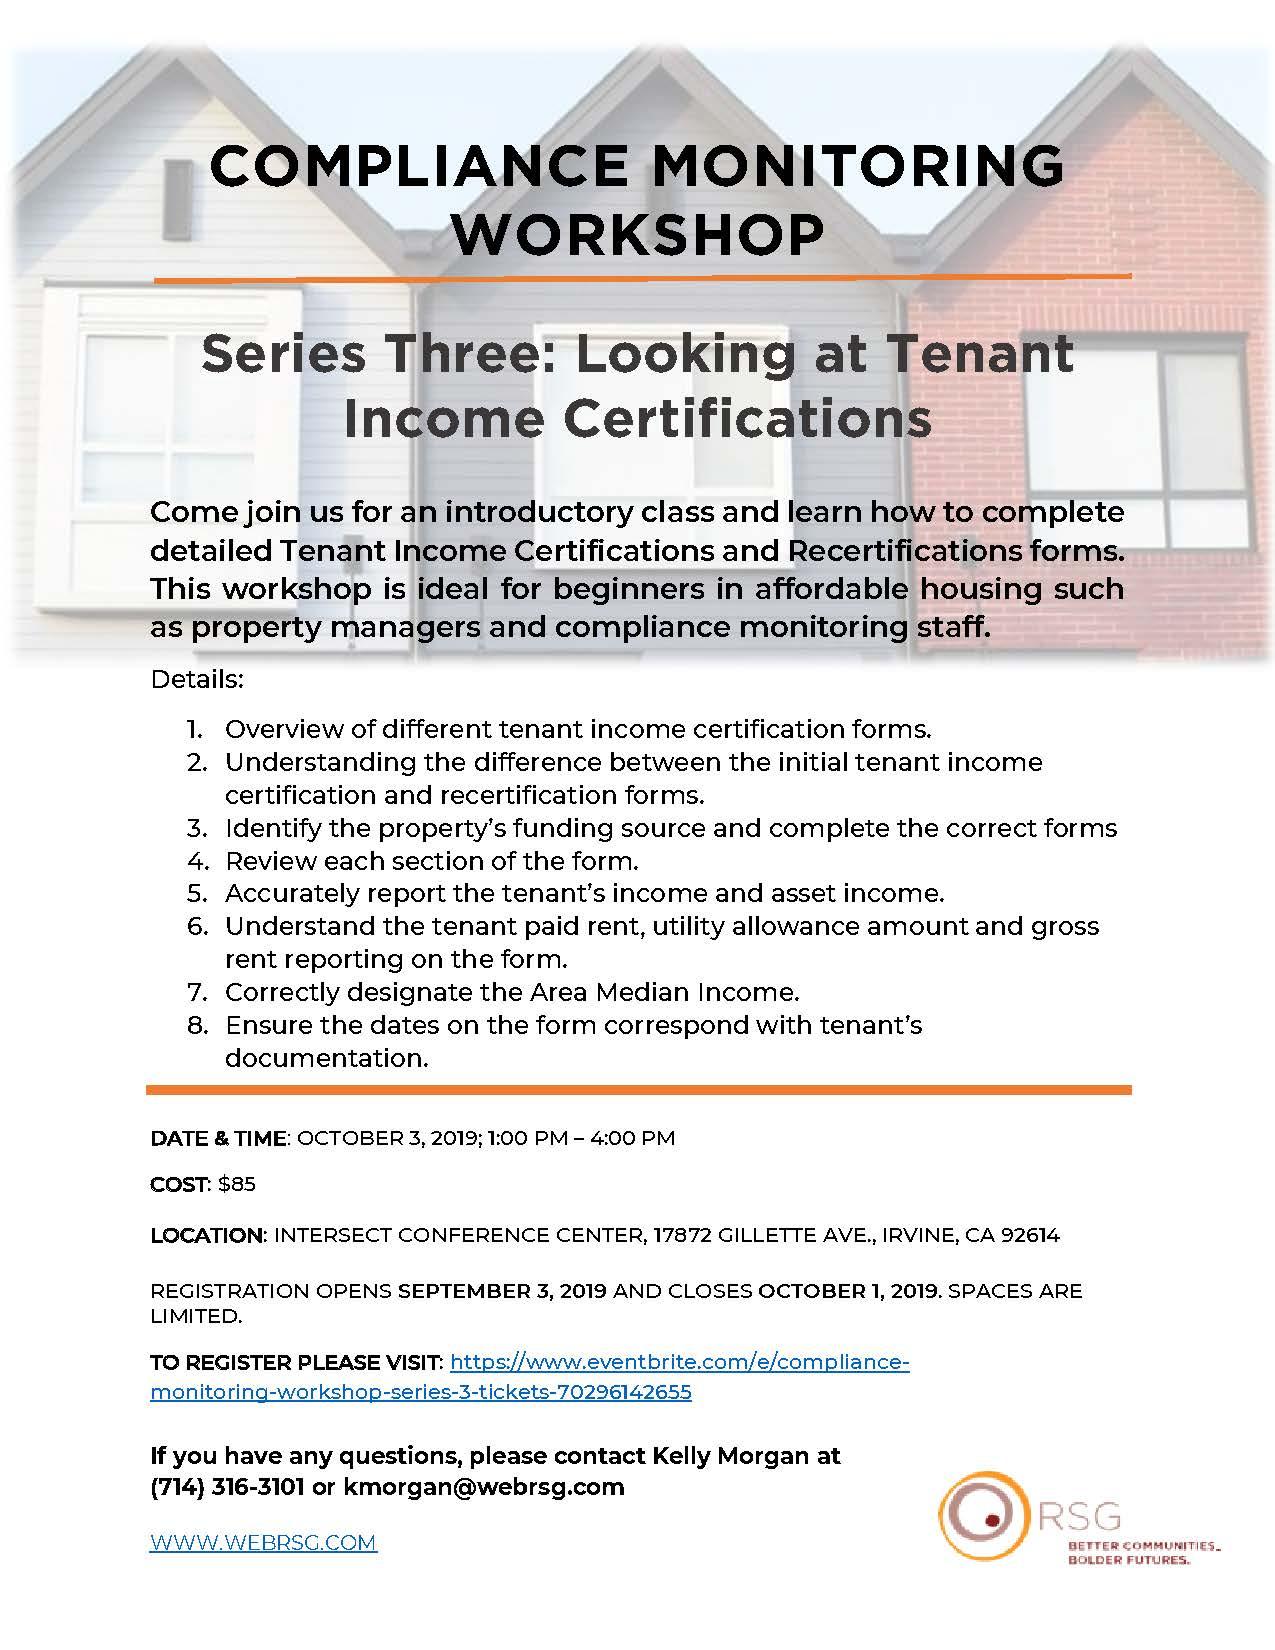 CM Workshop 3 Flier_revised.jpg